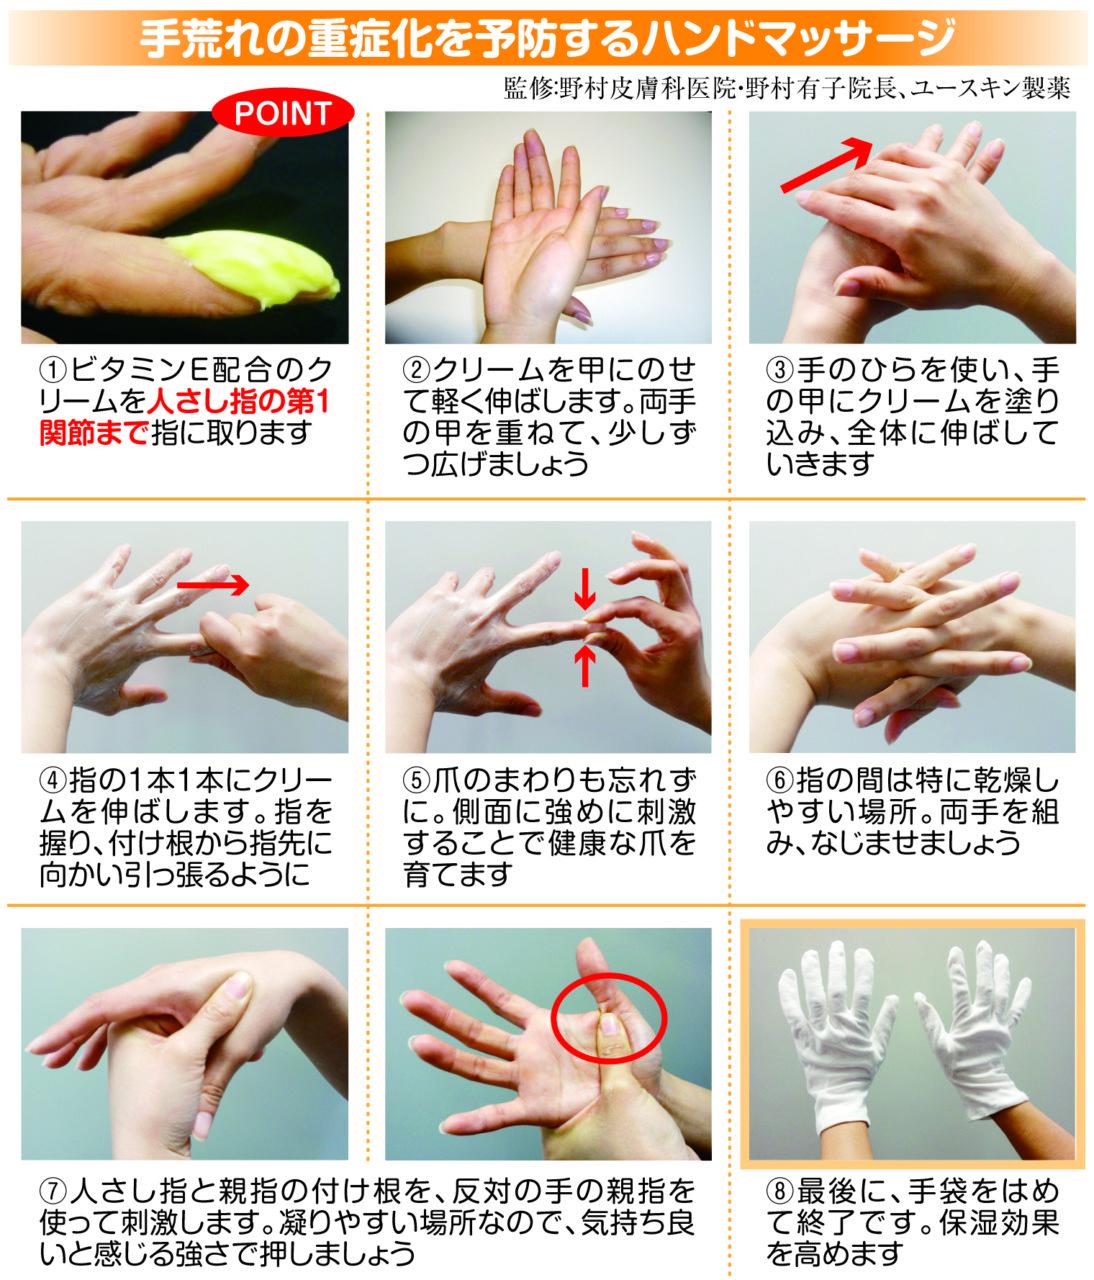 曲げる 痛い 一 第 関節 指 と